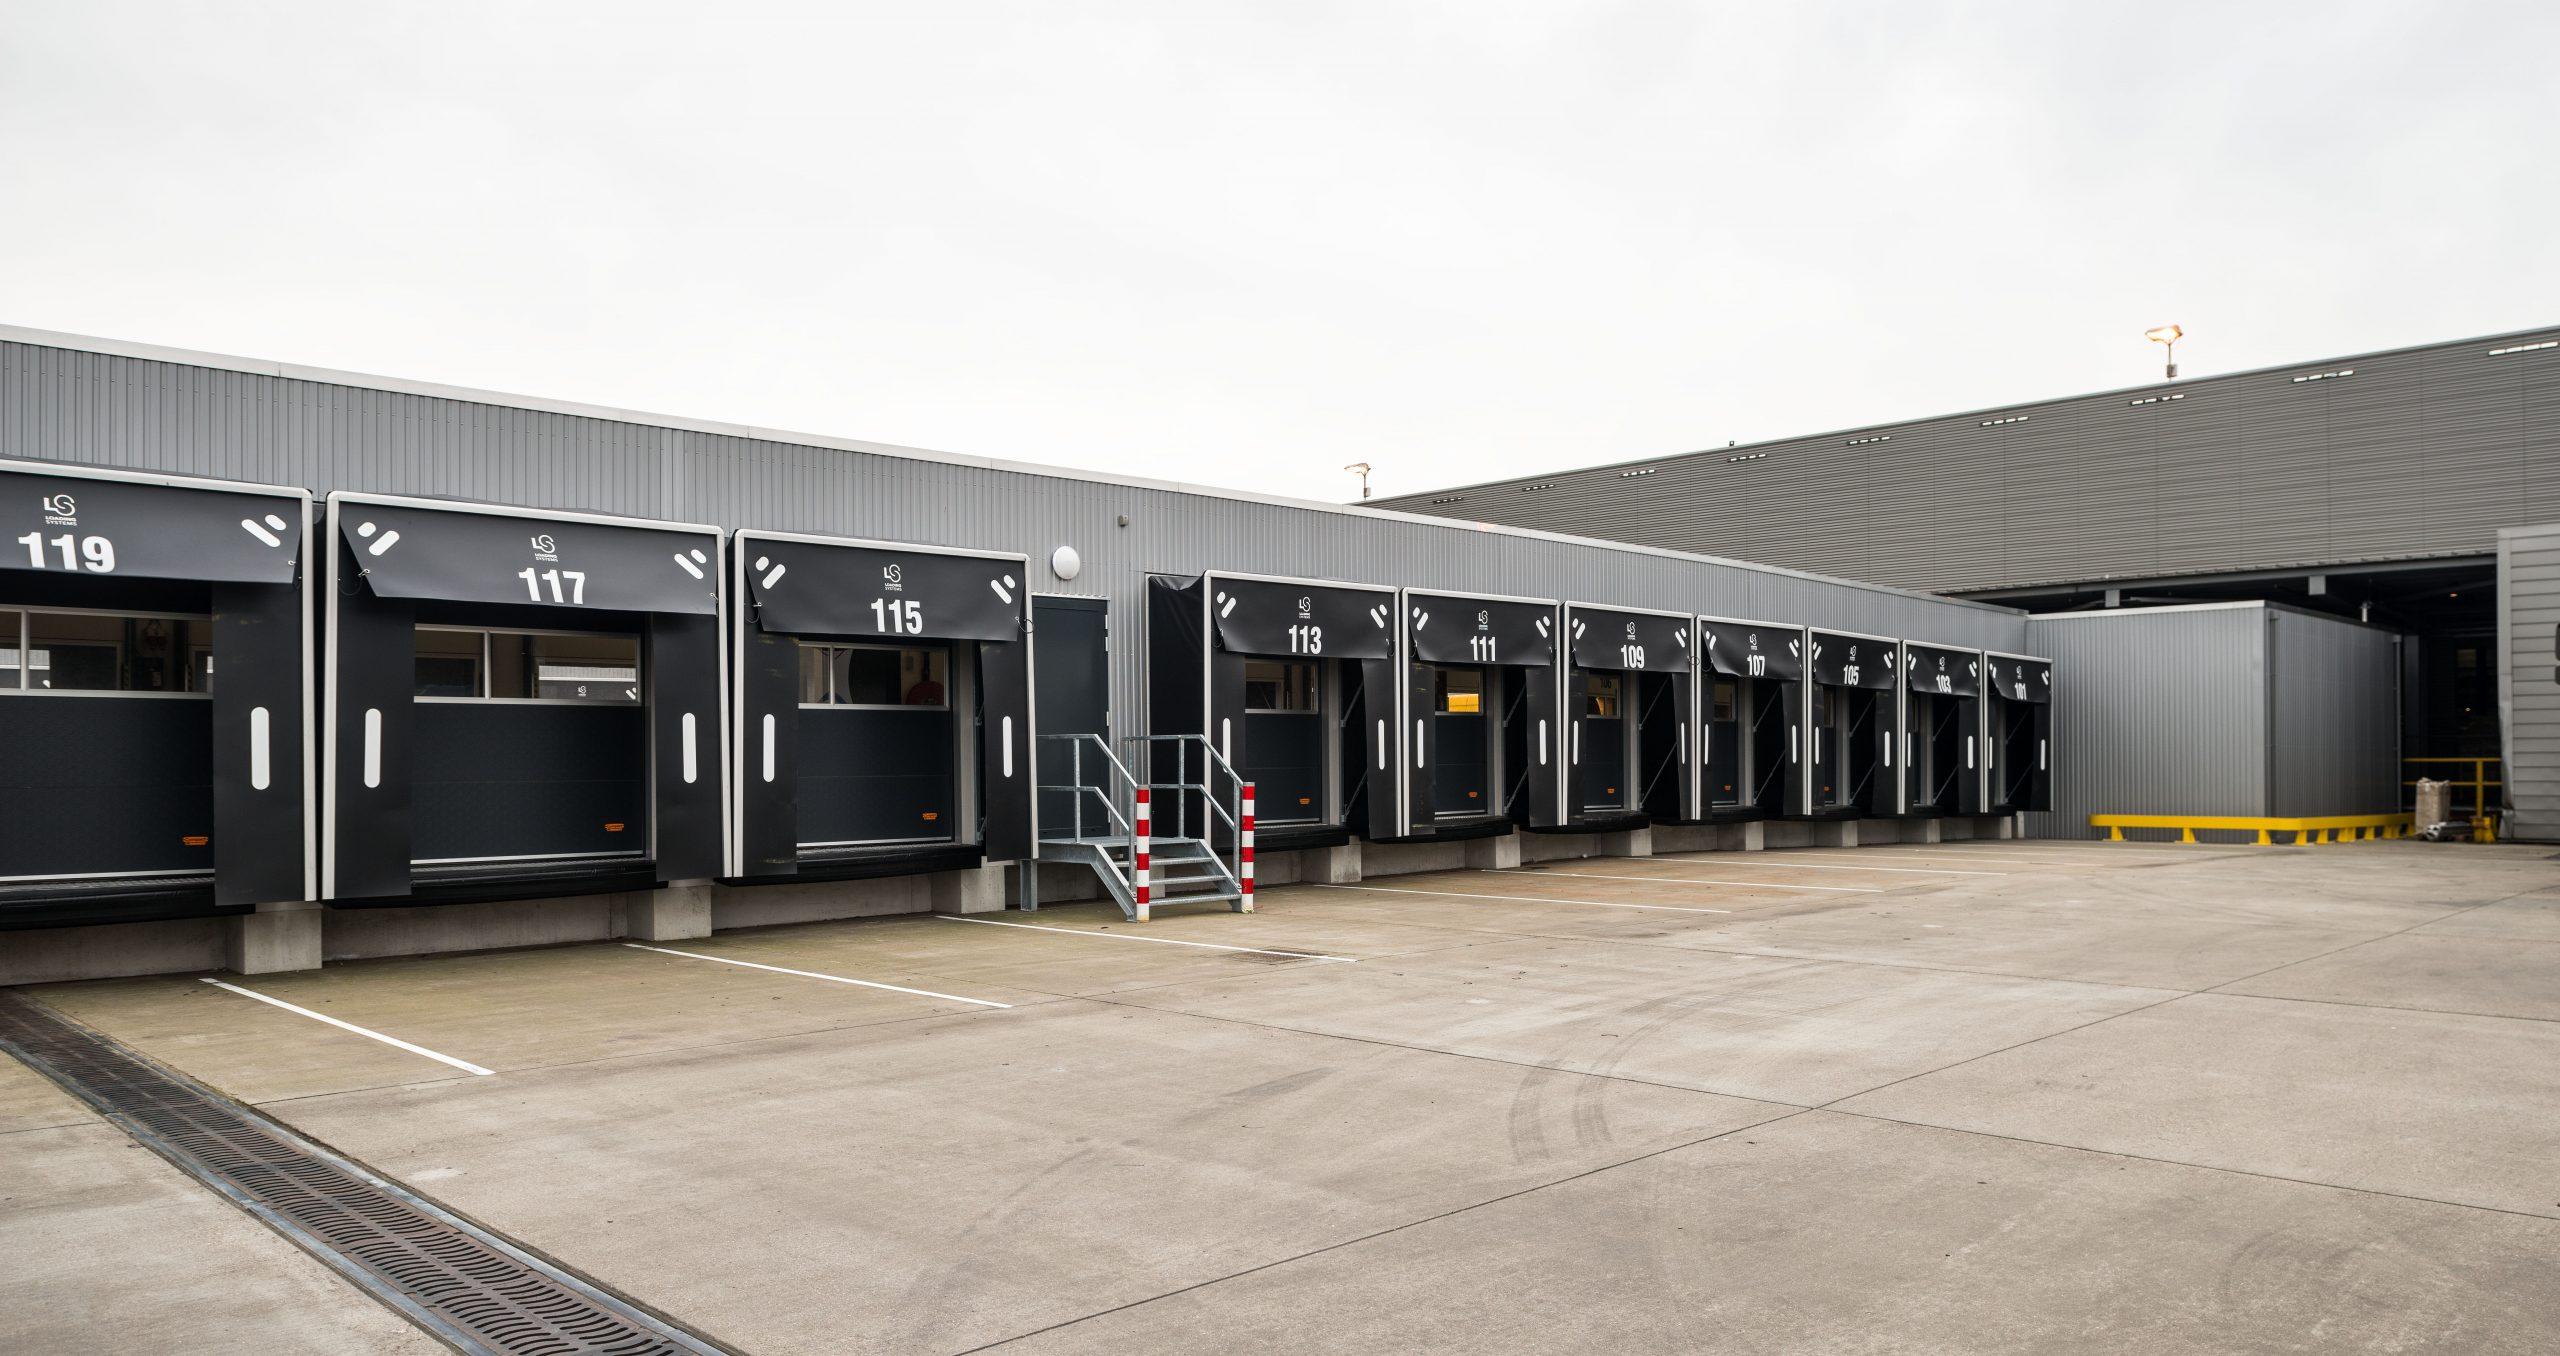 Le centre de distribution DHL opte pour des portes empilables Compact